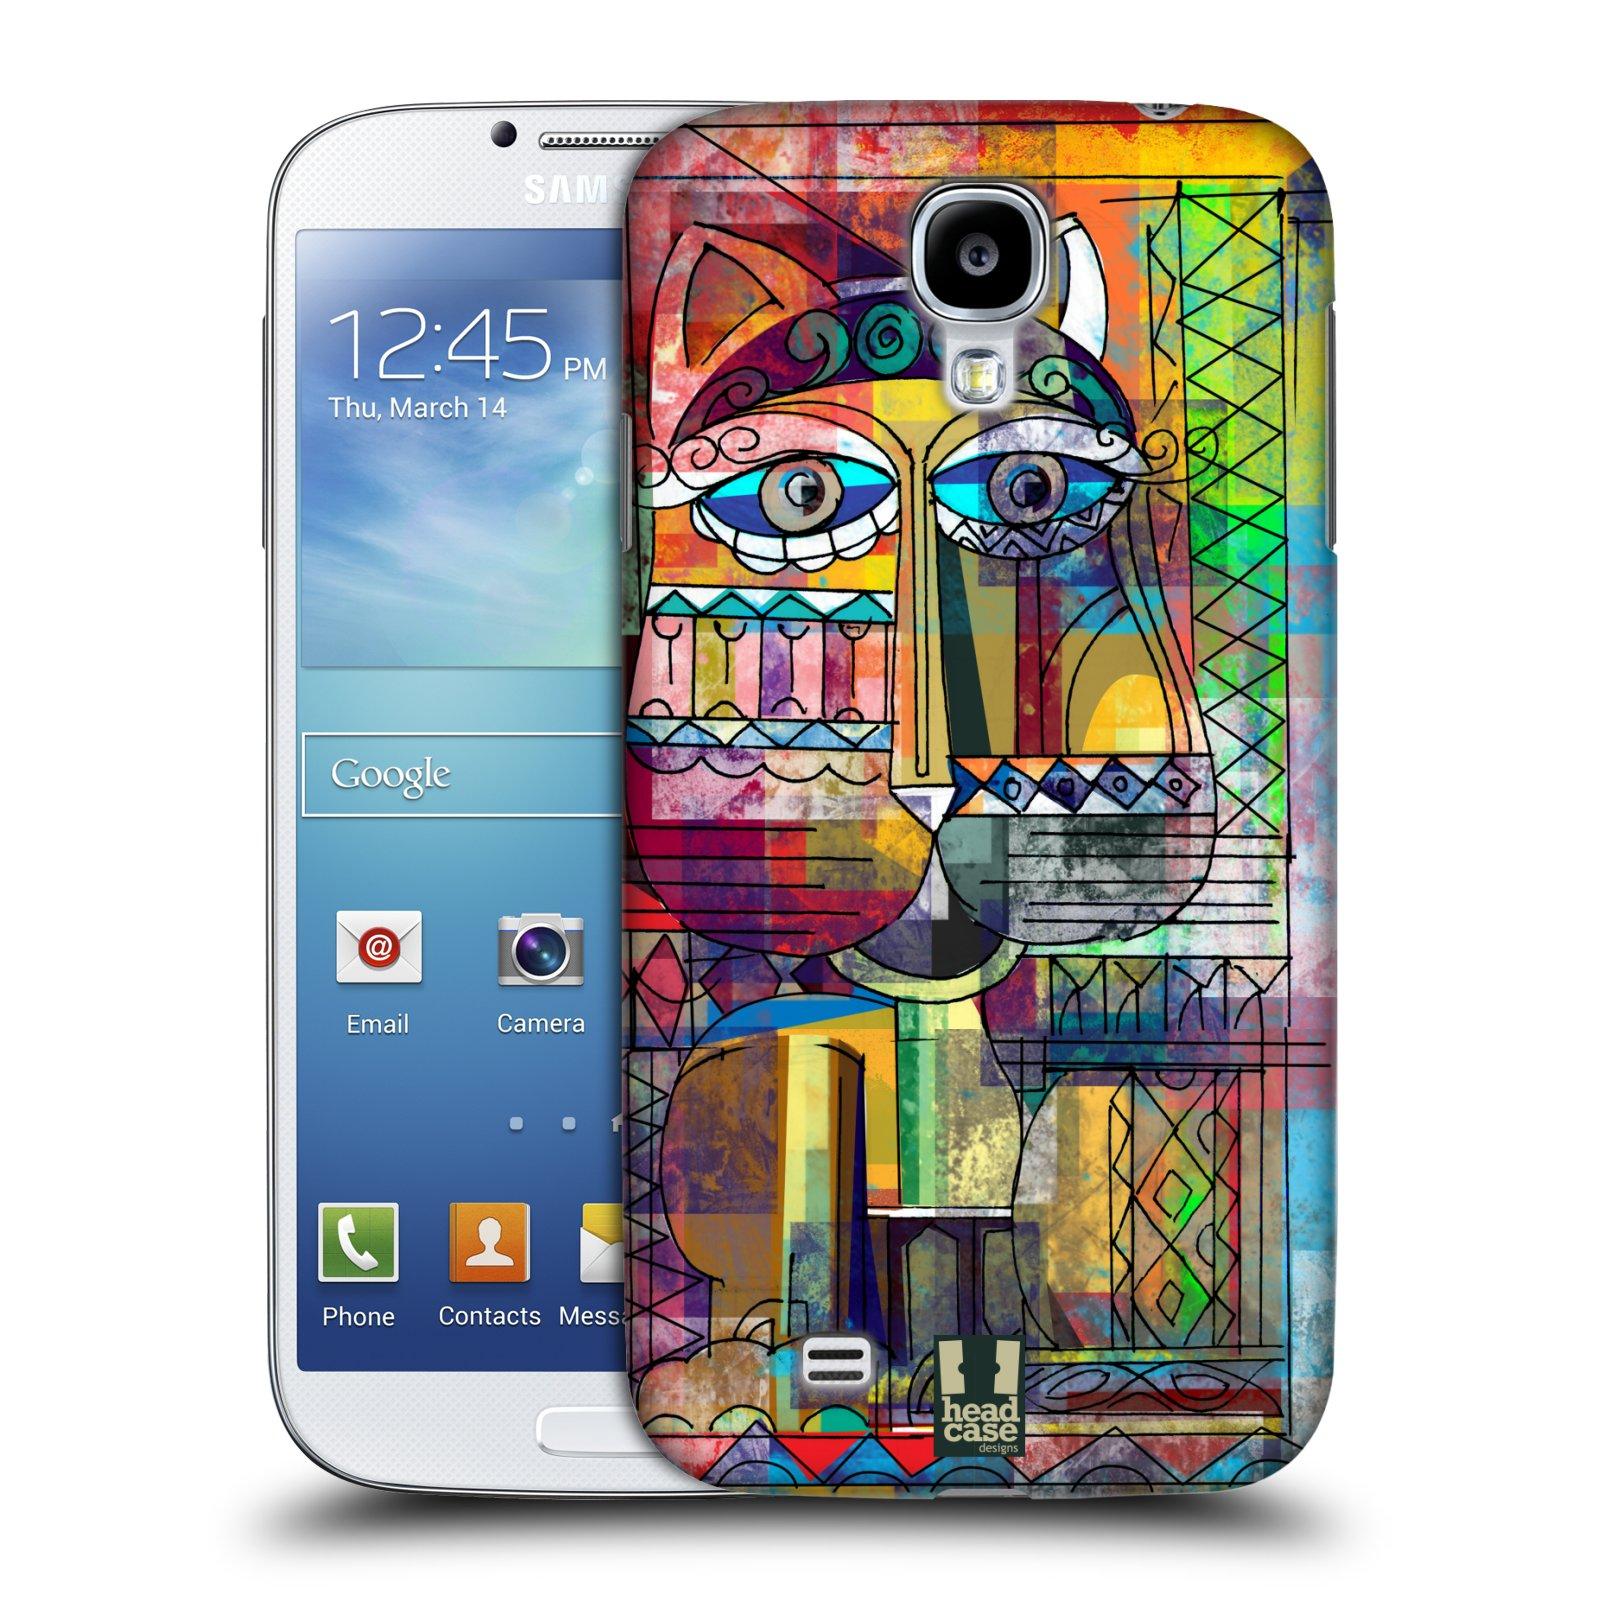 Plastové pouzdro na mobil Samsung Galaxy S4 HEAD CASE AZTEC KORAT (Kryt či obal na mobilní telefon Samsung Galaxy S4 GT-i9505 / i9500)